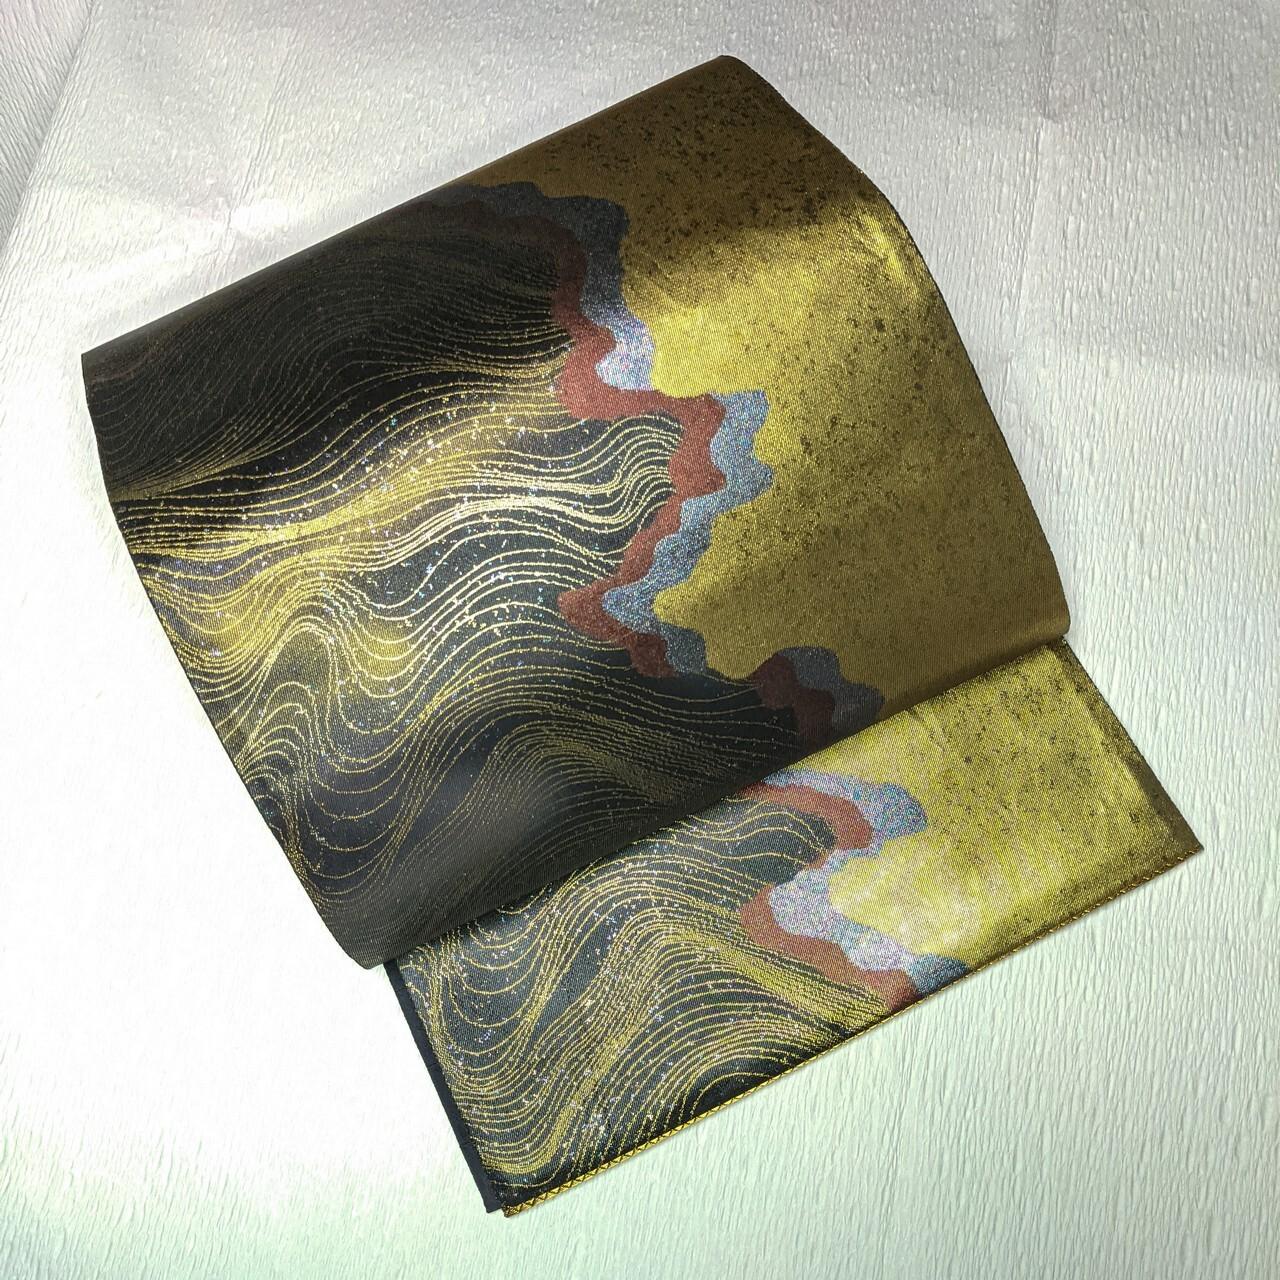 【煌めく】美品 シャイニー袋帯 六通 変わり道長に金線流し ゴールド箔×黒×エンジ